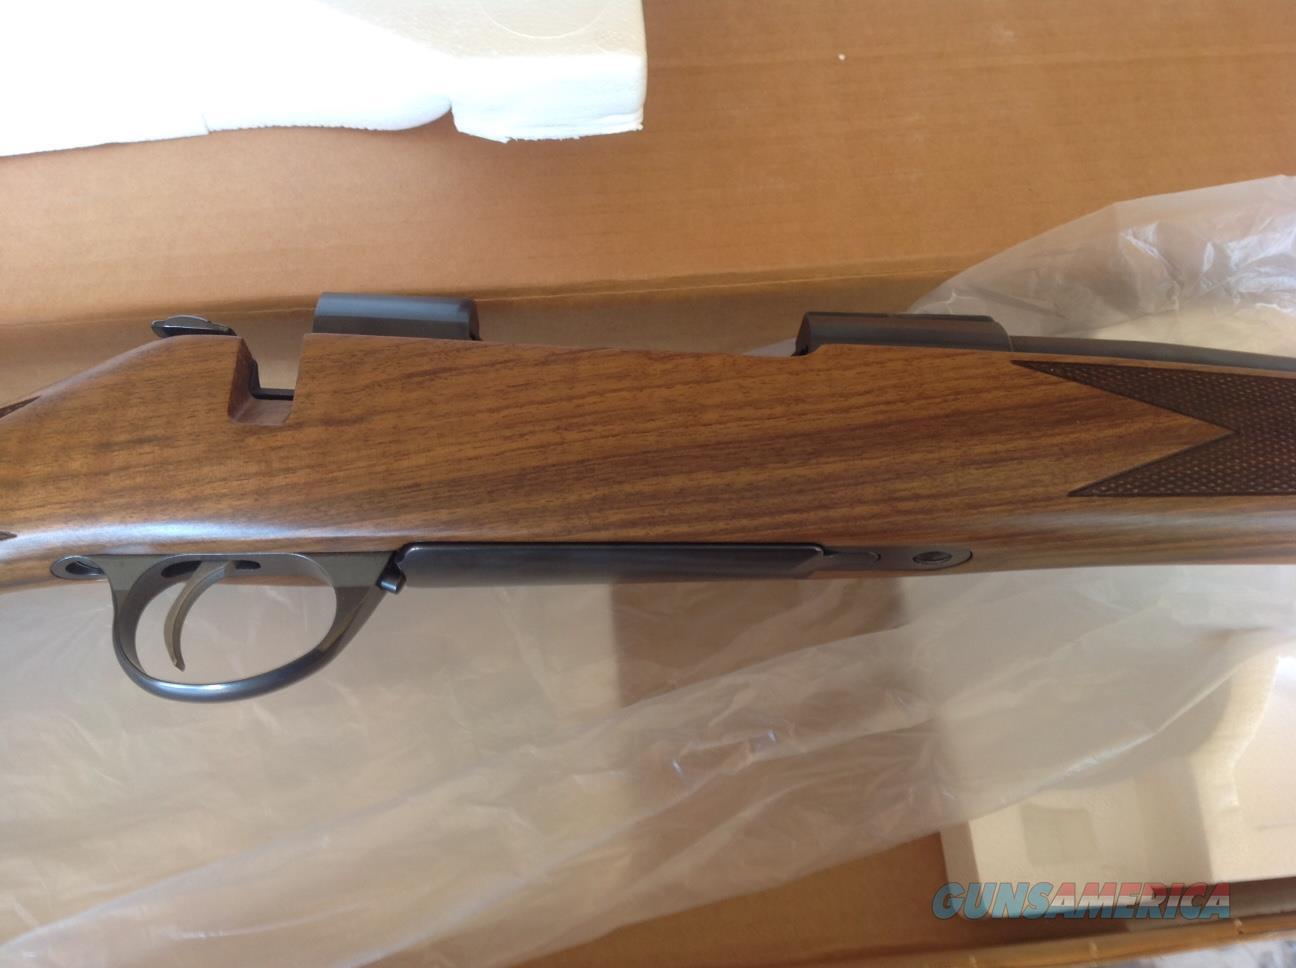 Sako Finnbear L691 Classic  Guns > Rifles > Sako Rifles > Other Bolt Action